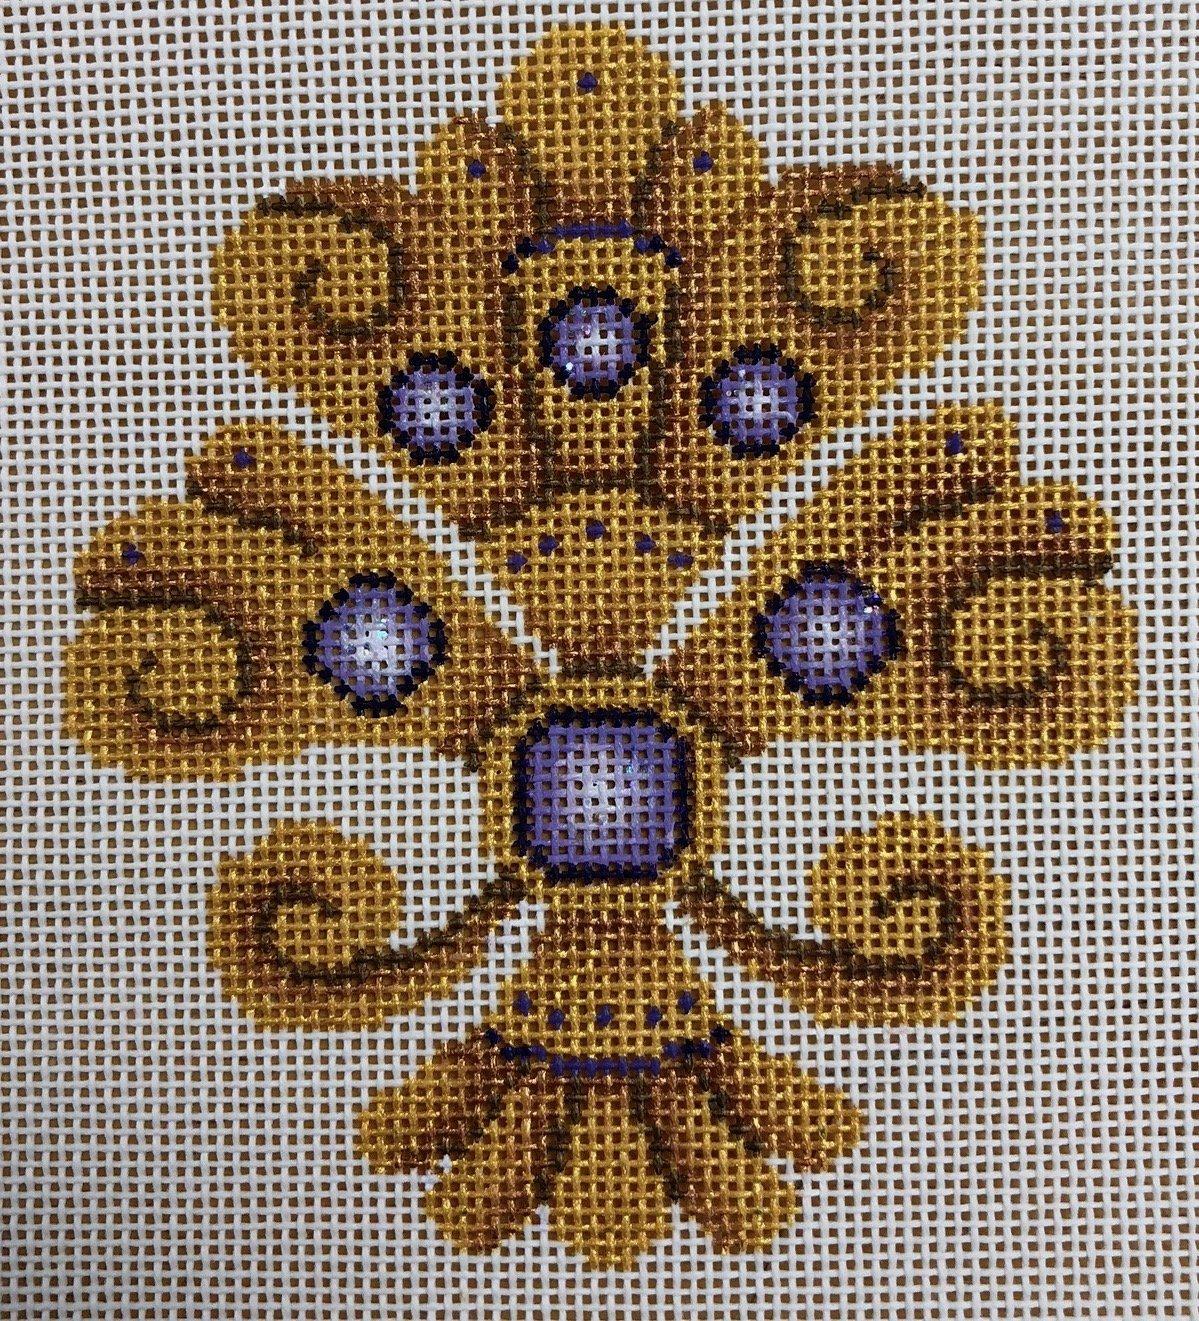 fleur de lis, gold & purple